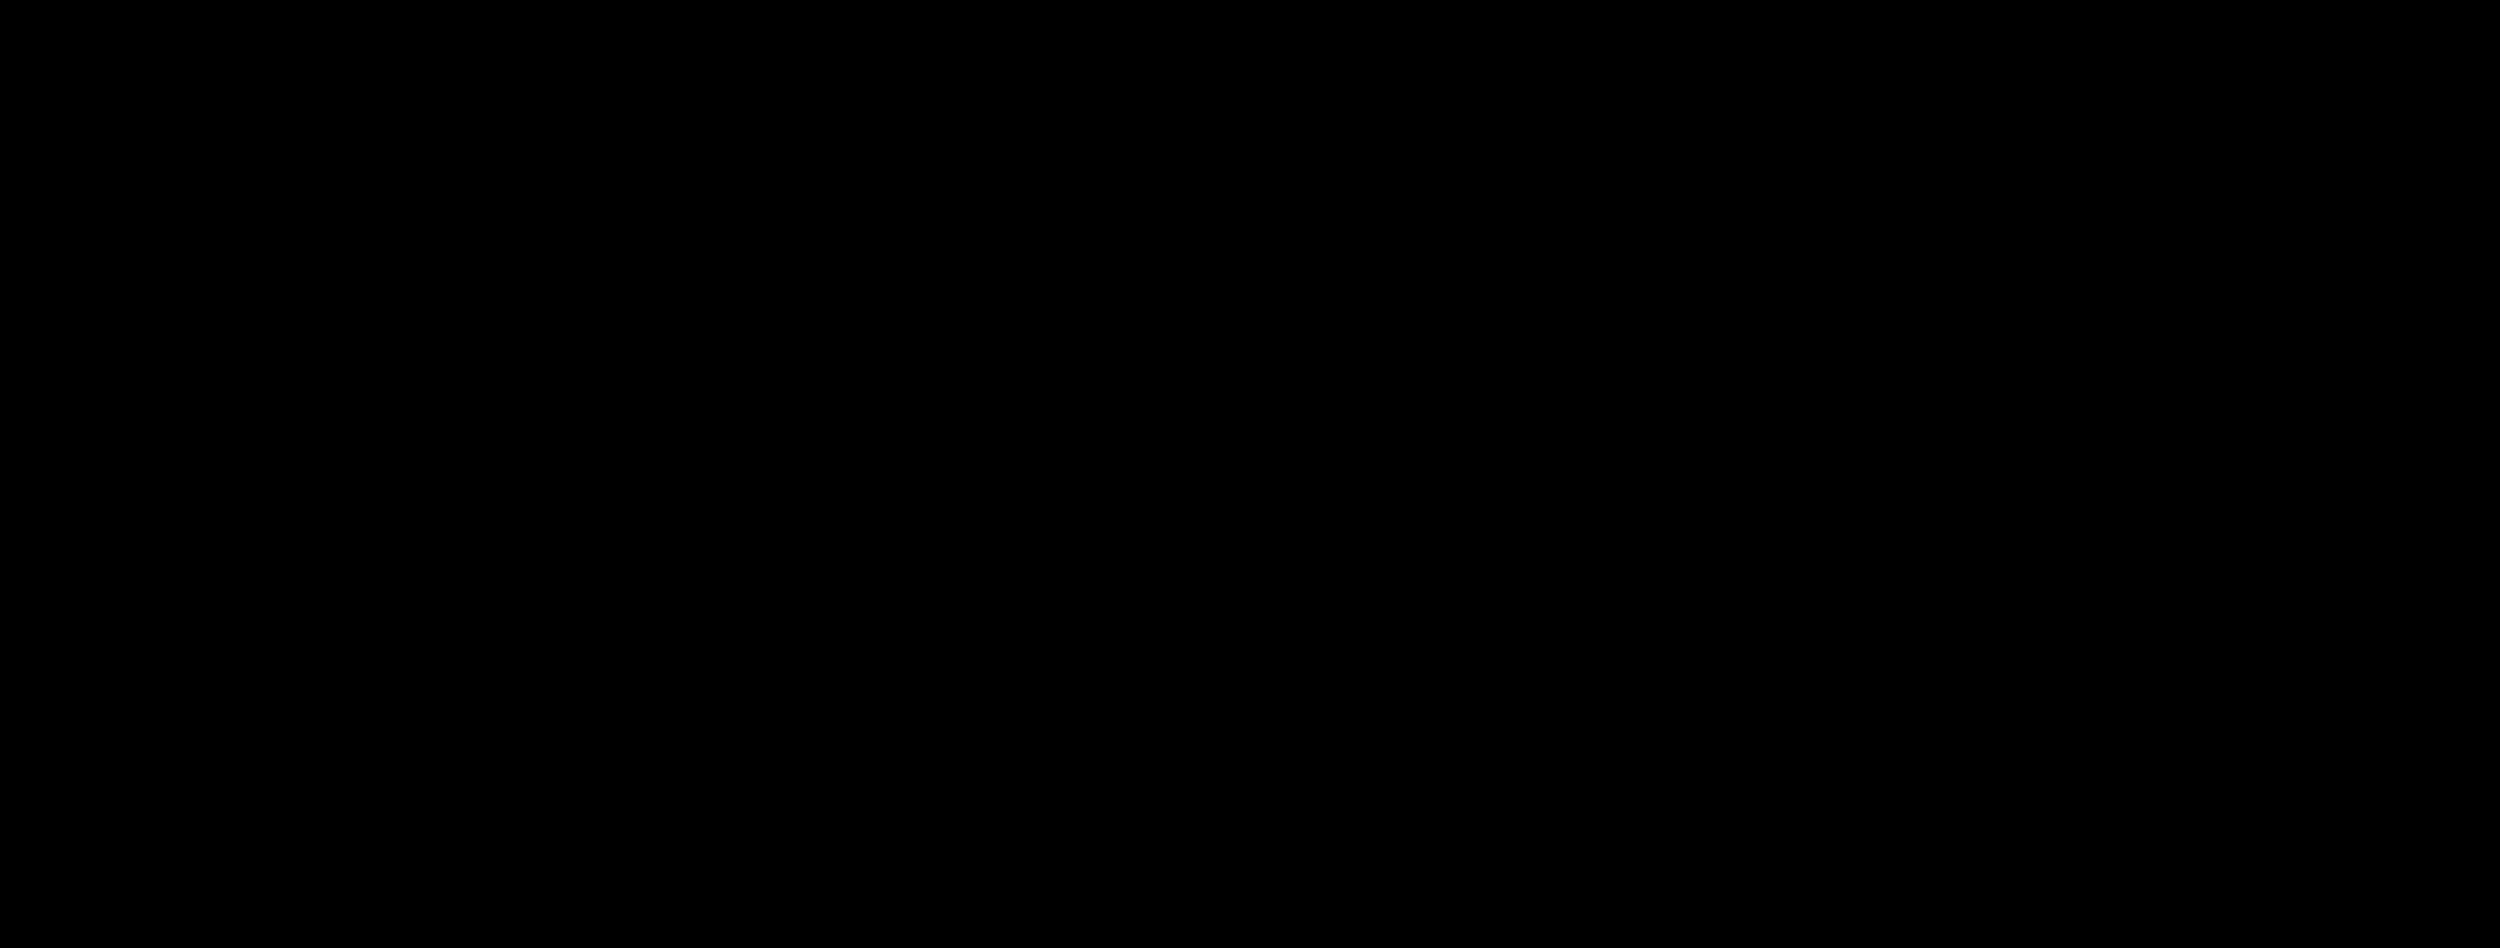 Just Mindful-logo-black.png